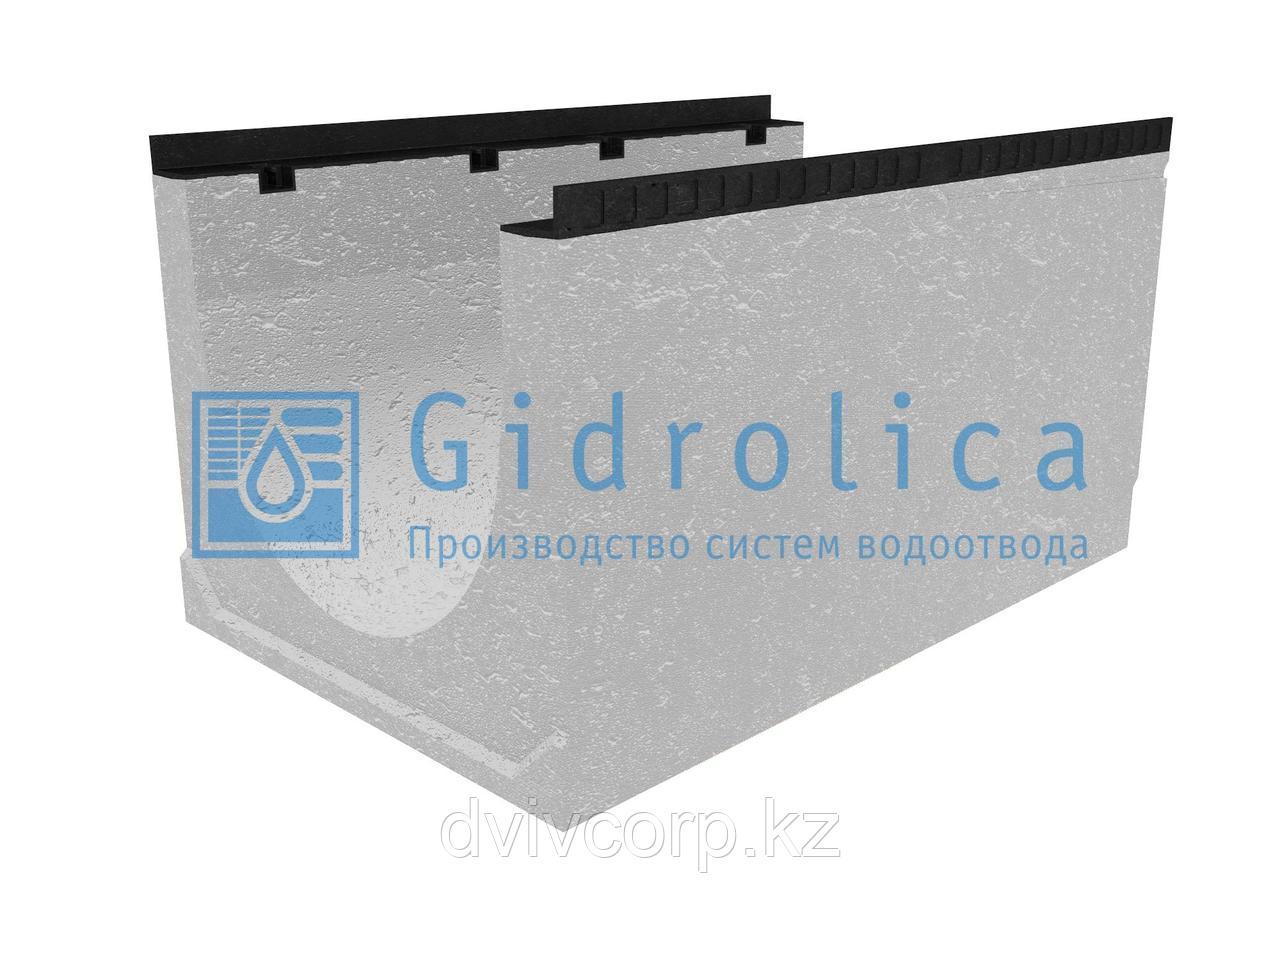 Лоток водоотводный бетонный коробчатый (СО-500мм), с уклоном 0,5%  КUу 100.65(50).57(48) - BGМ, № 24